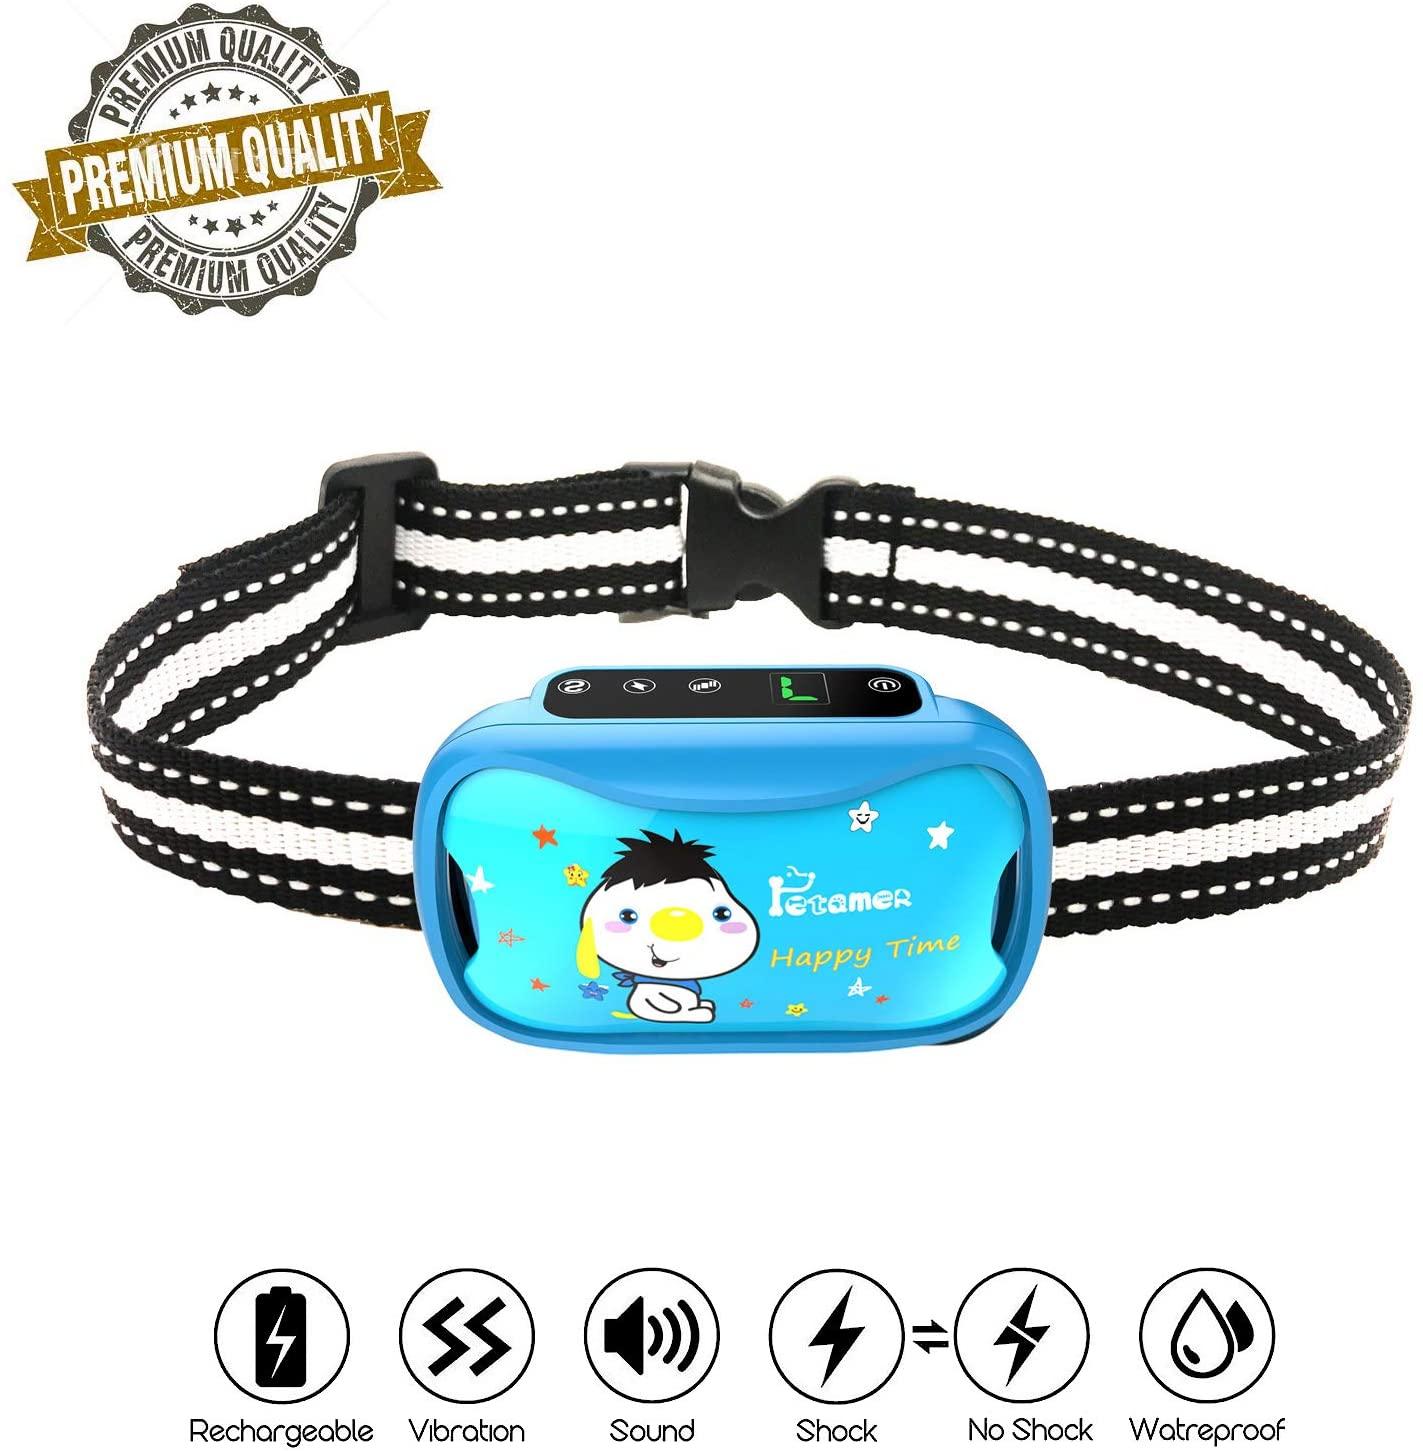 Colar recarregável do cão e do colar do colar de choque com vibração do sinal sonoro safeno humano remoto anti coleira da casca para o cão médio pequeno grande